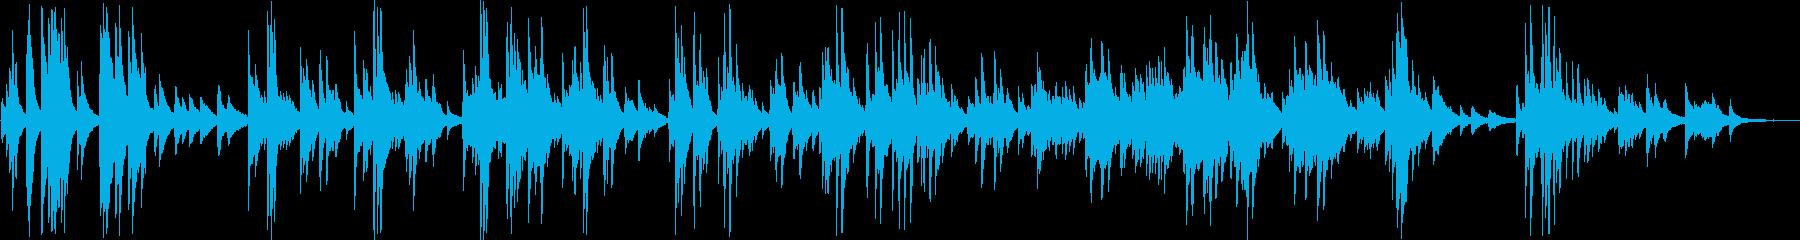 ゆっくりとしたキレイな旋律のピアノ曲の再生済みの波形